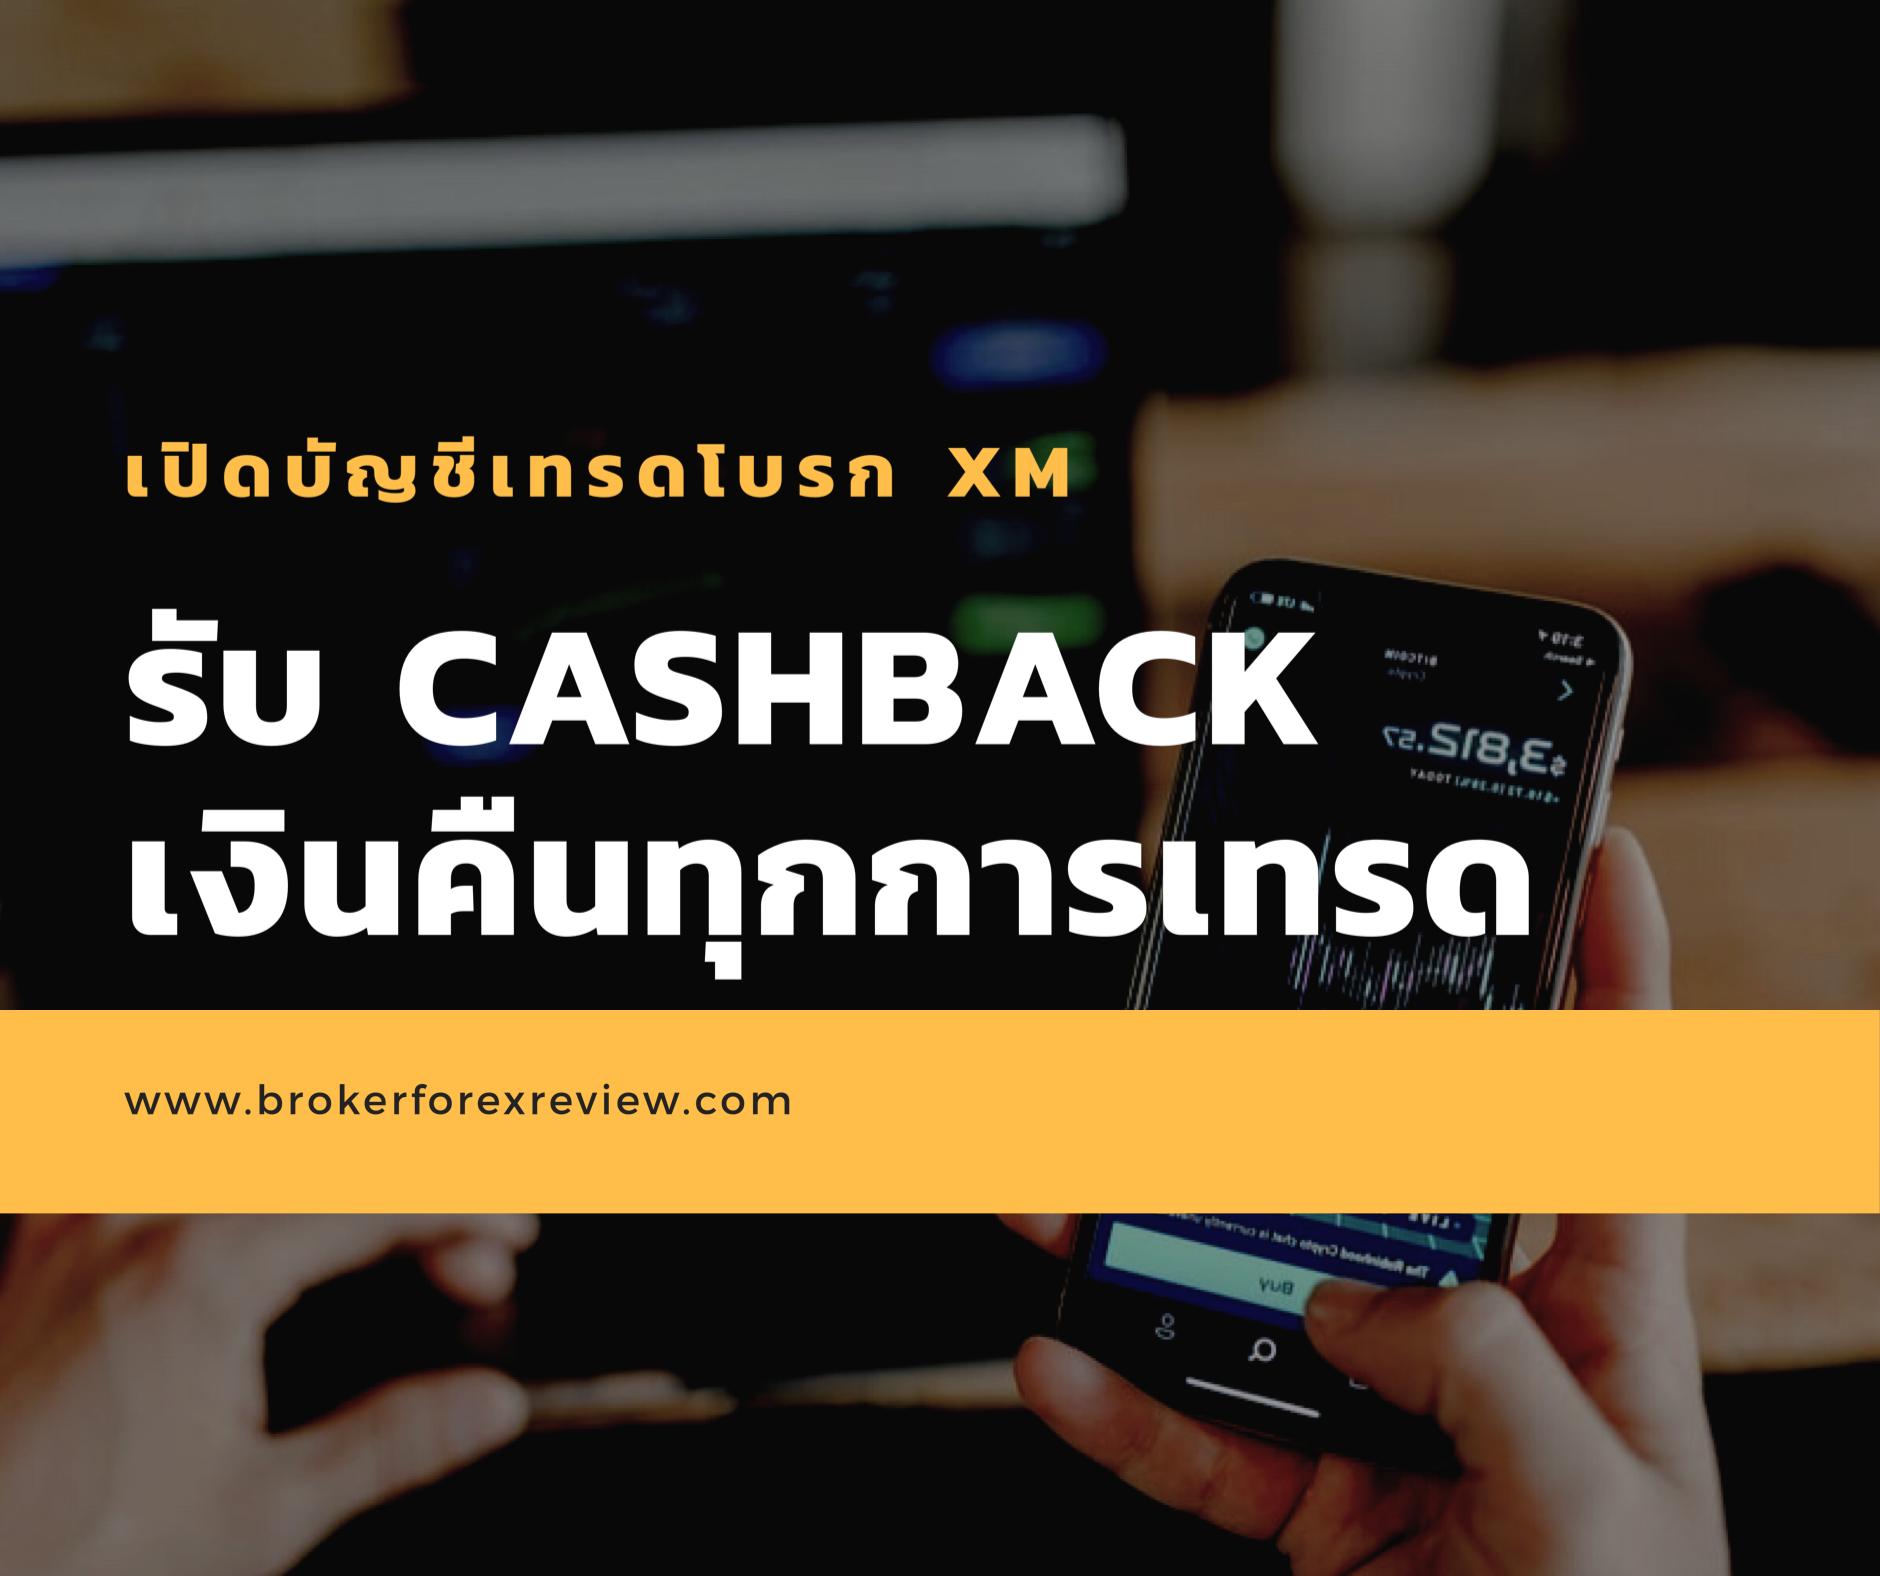 เปิดบัญชี XM Cashback เงินคืน